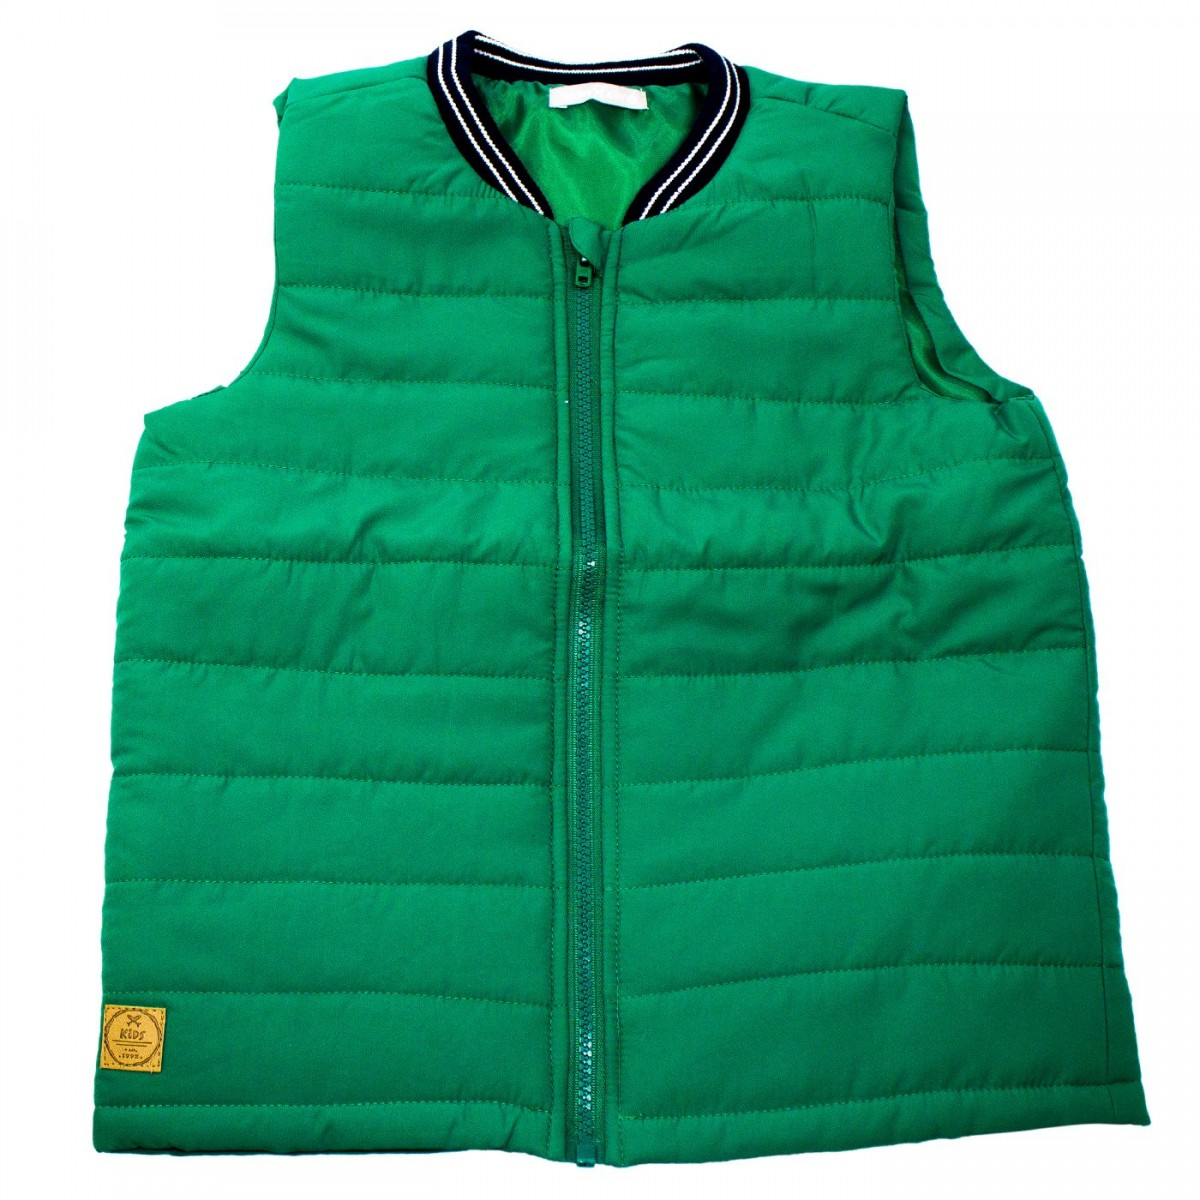 560e977fdd Bizz Store - Colete Infantil Menino Hering Kids Verde